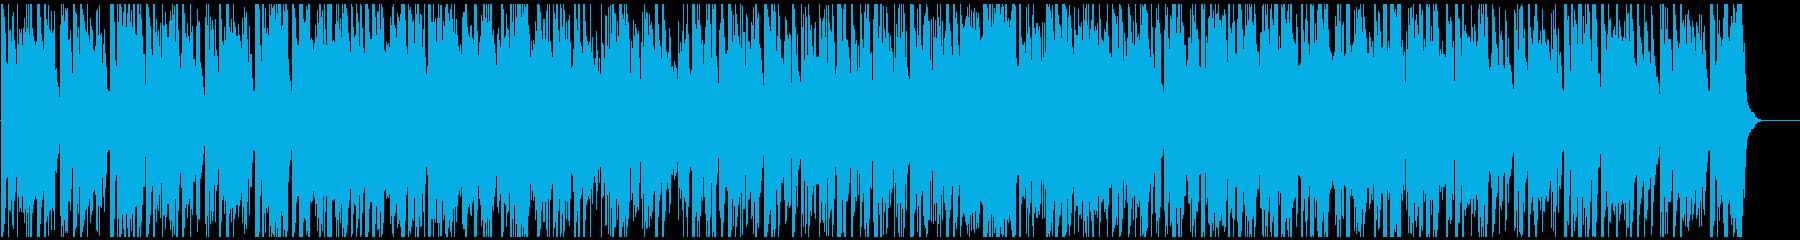 ヒップホップ系ジャズファンク Sax生録の再生済みの波形